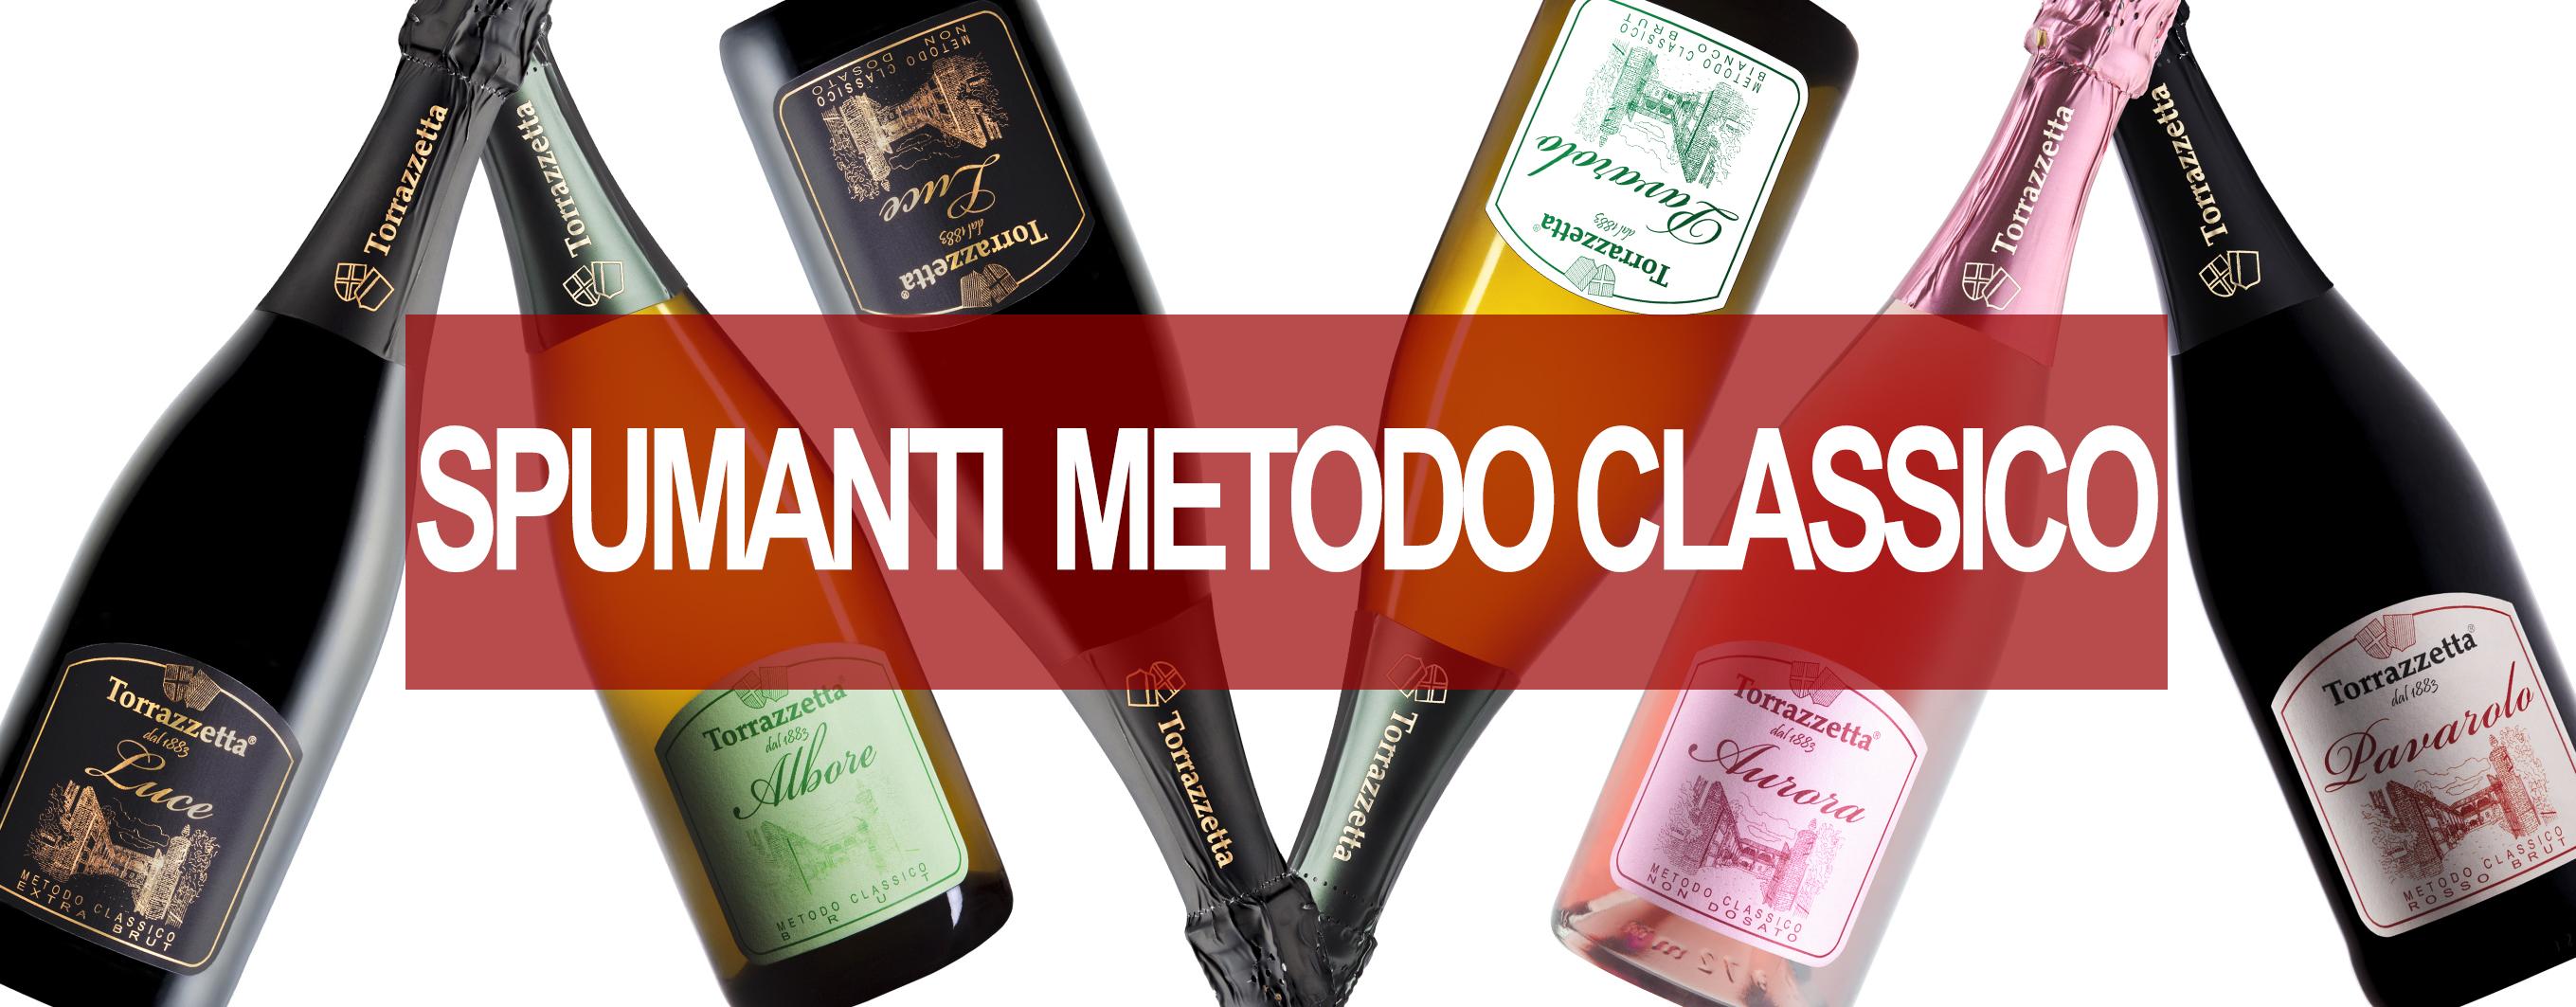 Vini Spumanti M.C. Vendita Online - Vini Biologici Oltrepò Pavese , Pavia, Lombardia